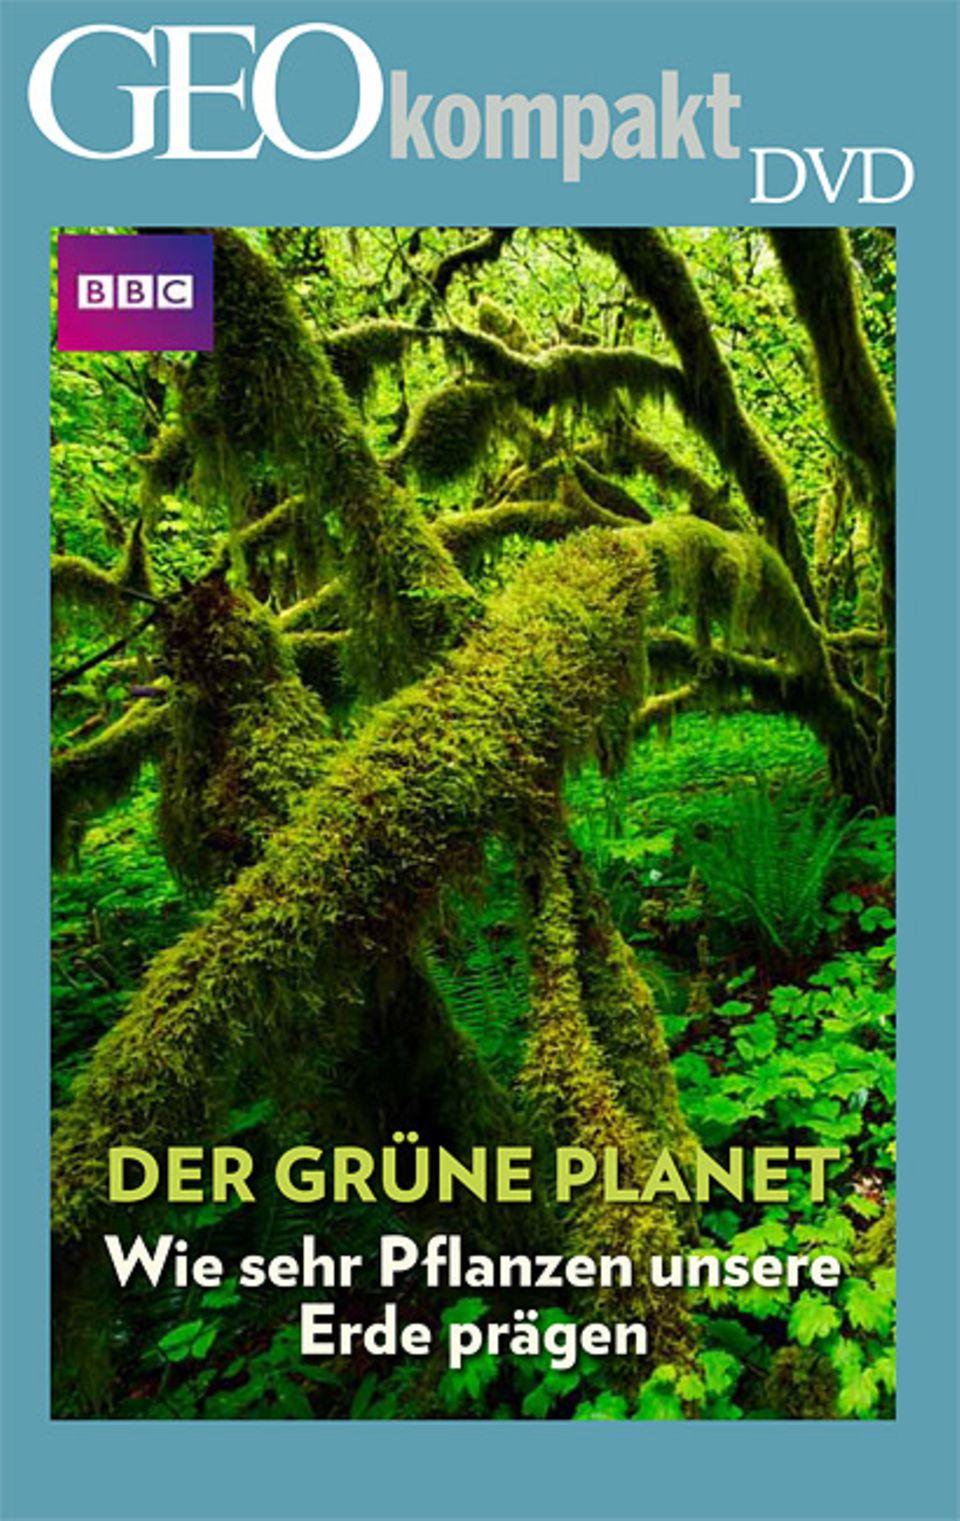 """Pflanzen: GEOkompakt Nr. 38 """"Das geheime Leben der Pflanzen"""" ist auch mit DVD erhältlich"""